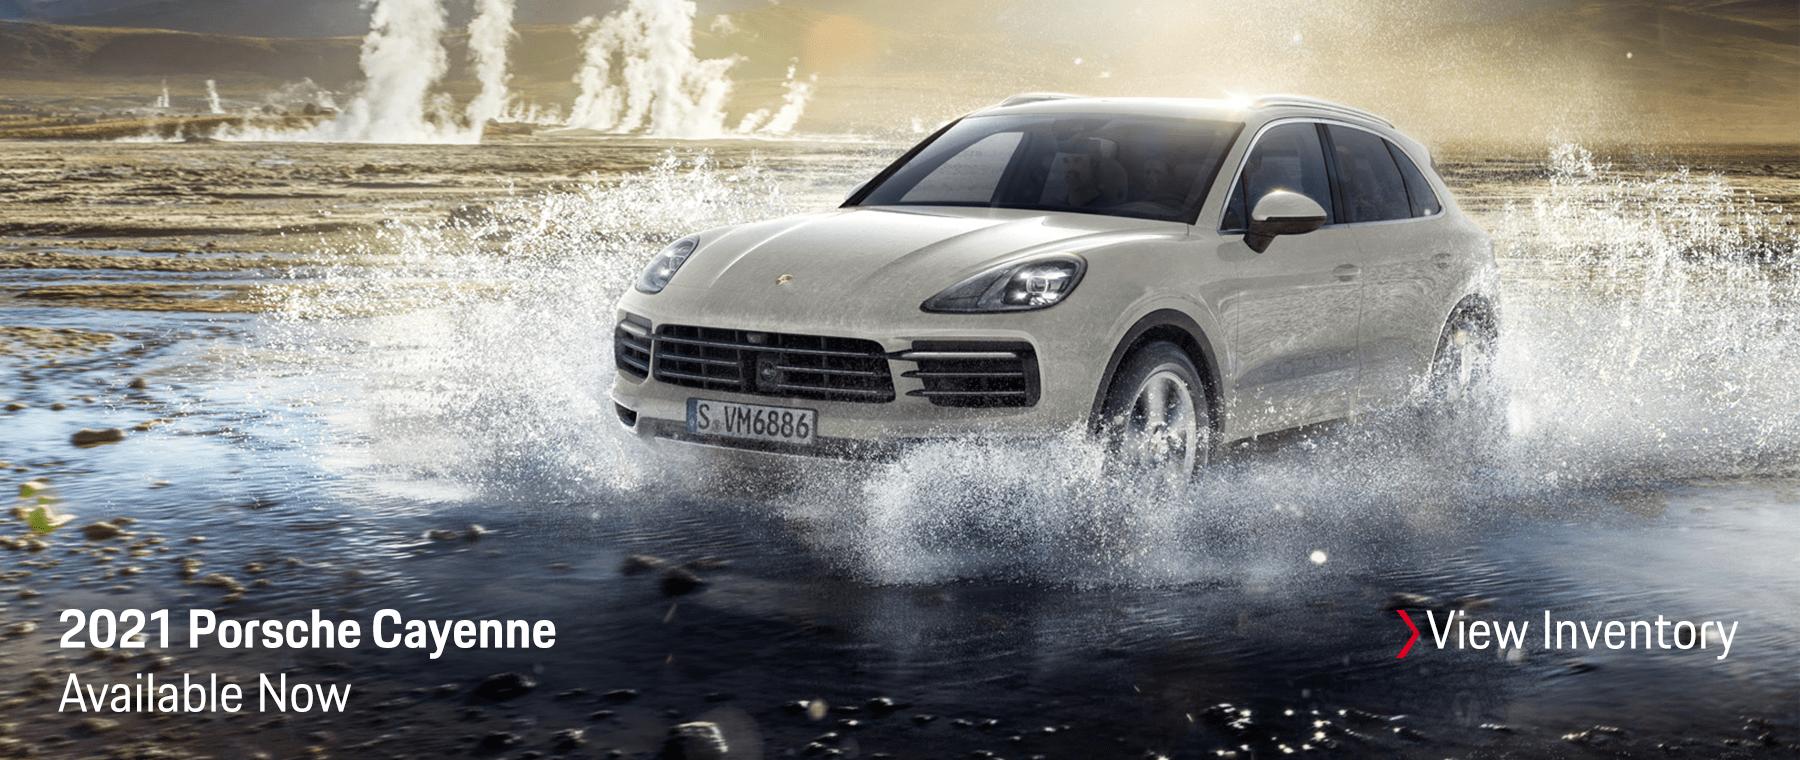 Porsche-August-Slidebanner-Cayenne-v2